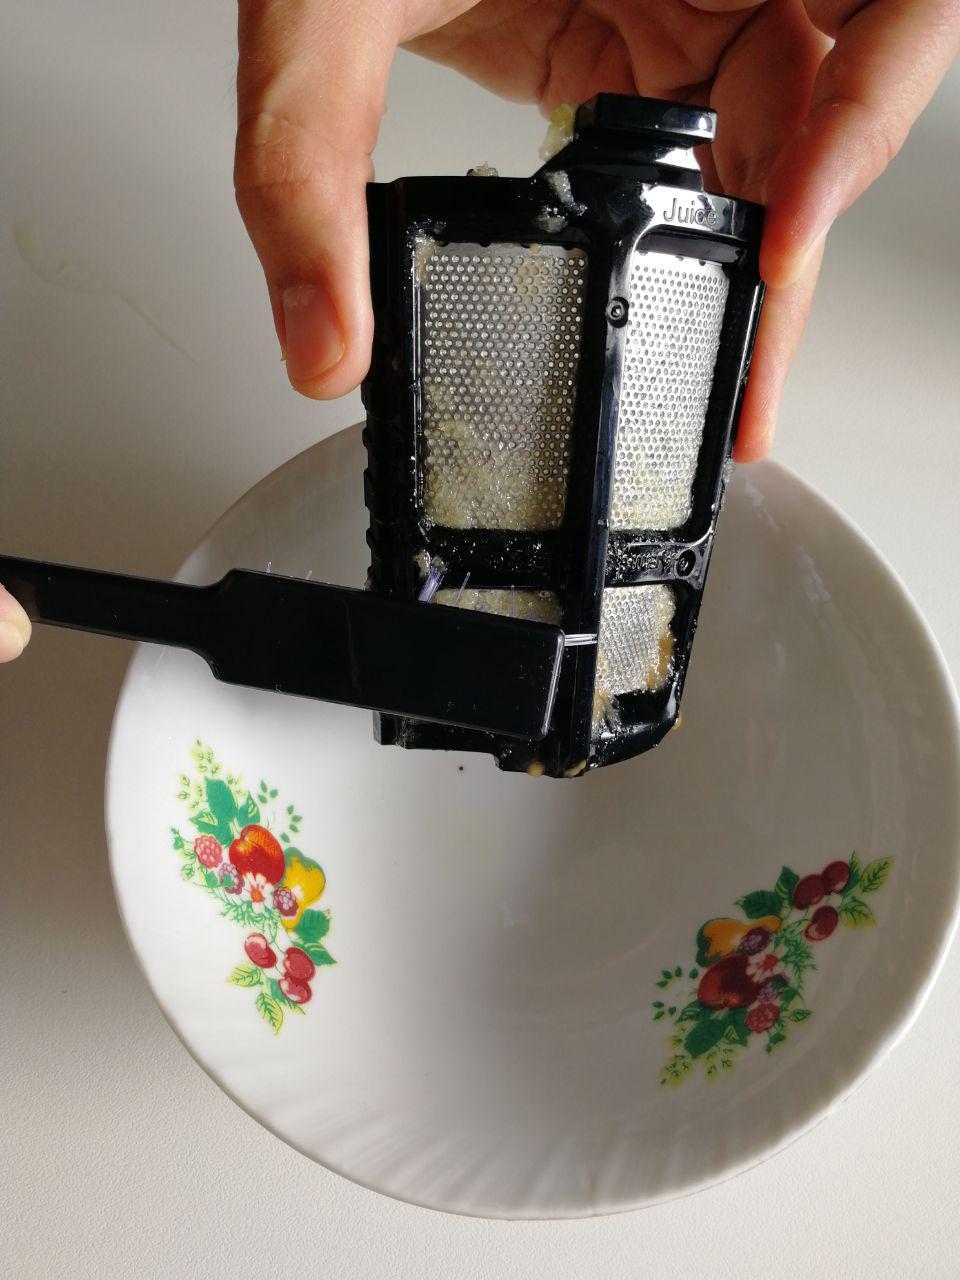 pulizia filtro estrattore di succo